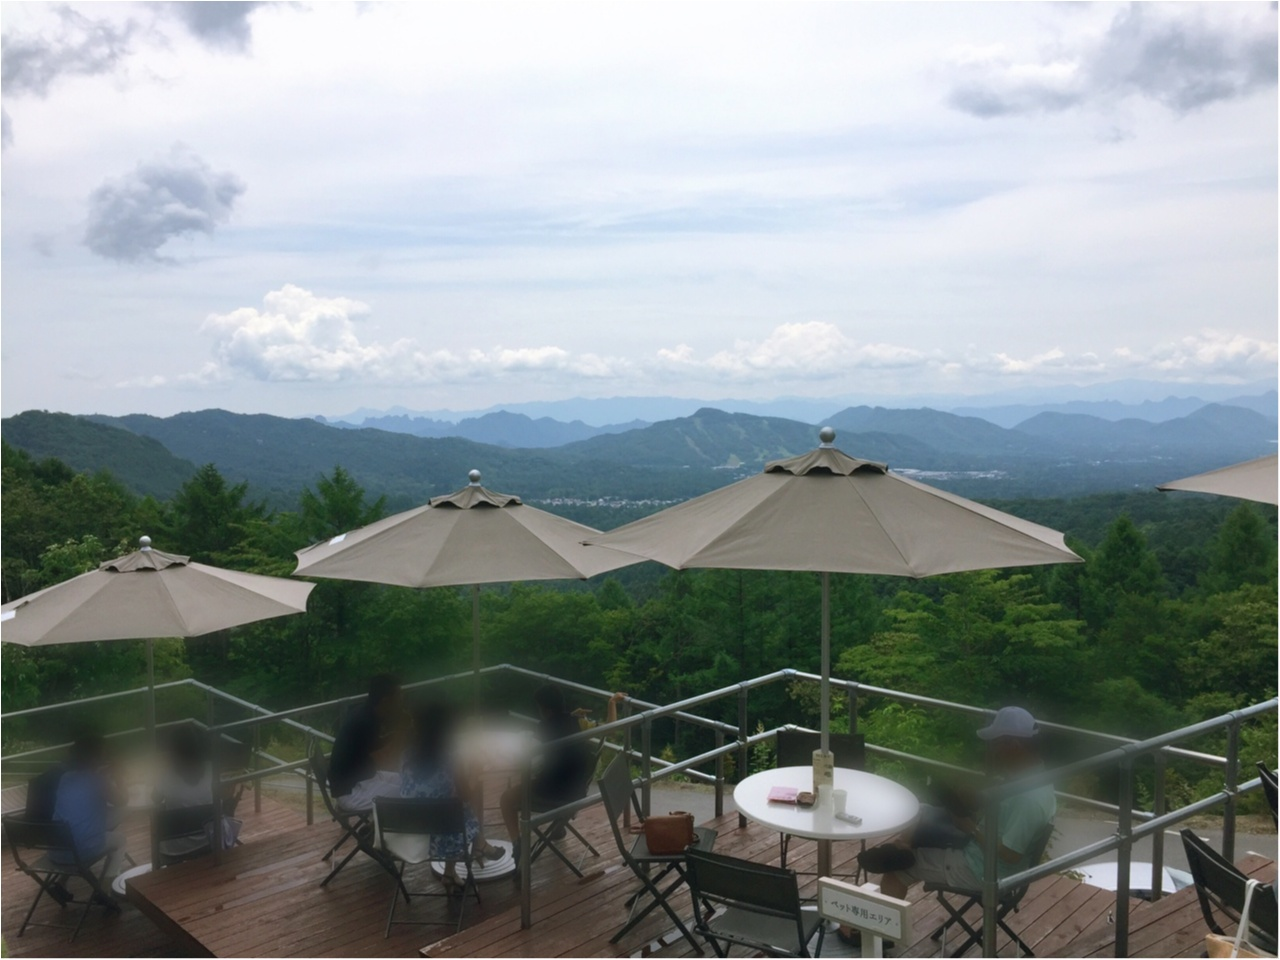 軽井沢の景色を一望するなら!まるで山の中に浮かぶような『天空カフェ・アウラ』へ!!_1